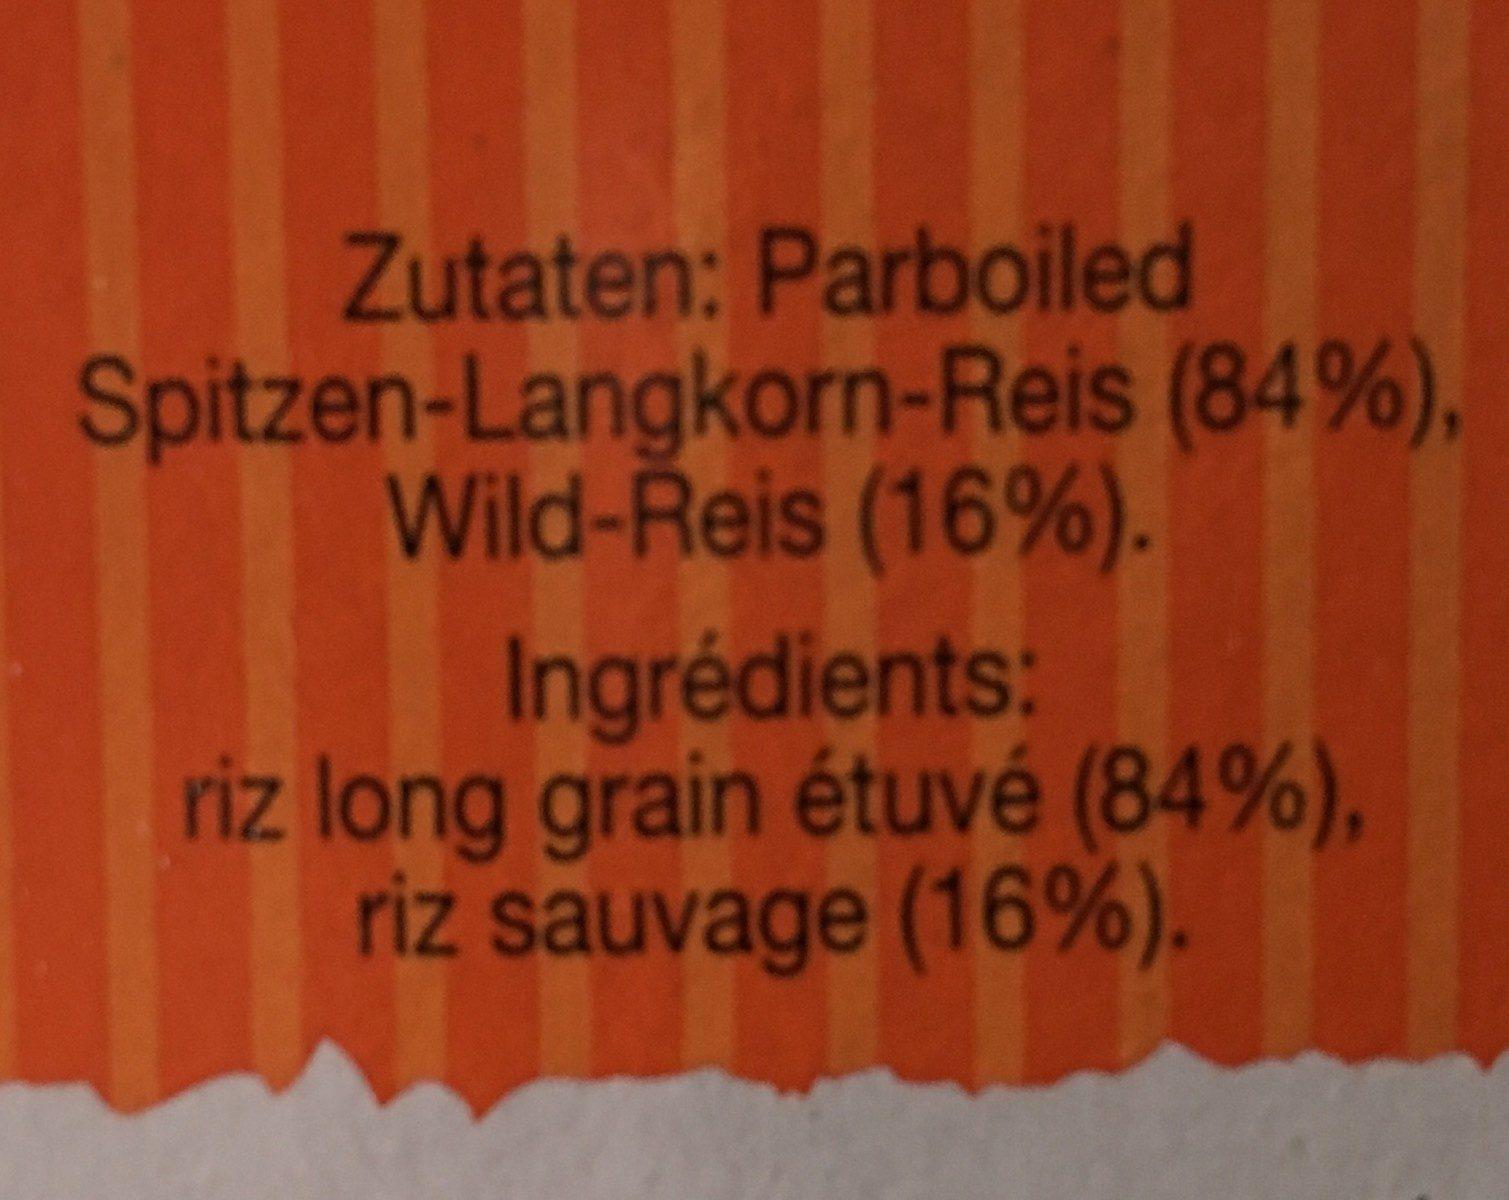 Reis, Wildreis Mix Kochbeutel - Ingredients - en